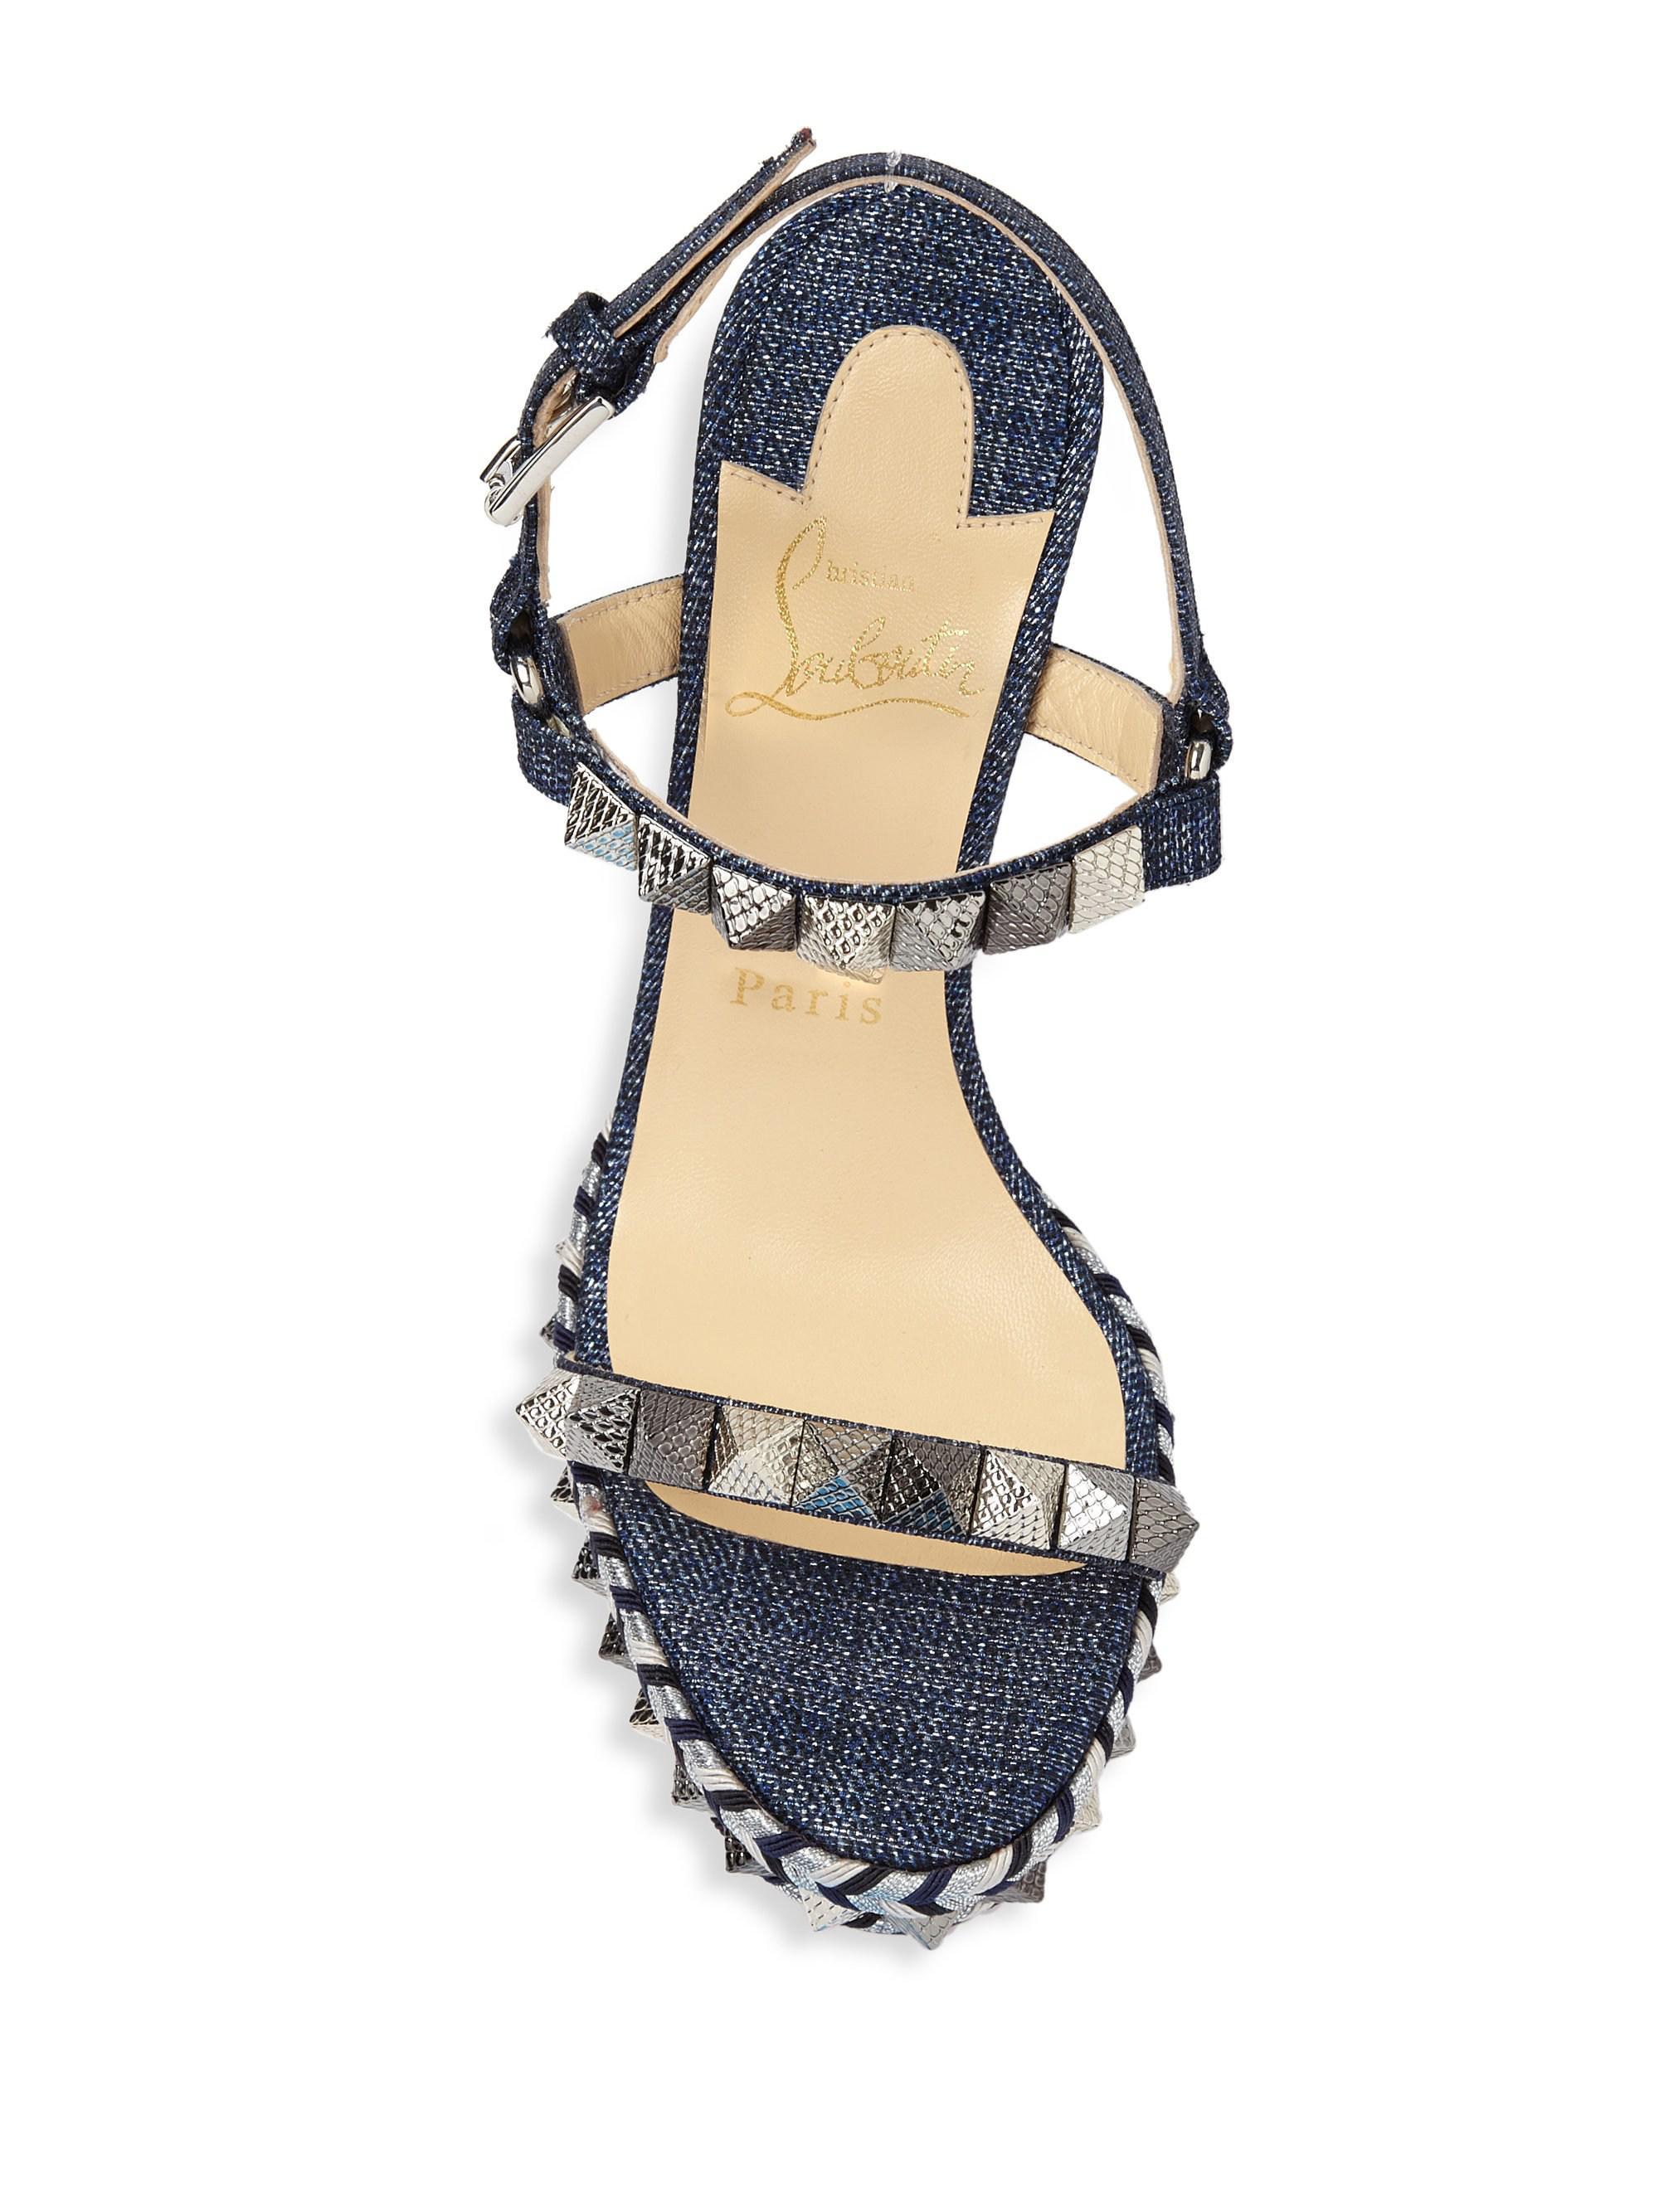 4b54a4e63def ... czech christian louboutin blue pyraclou 110 denim platform sandals lyst.  view fullscreen 178e9 a1192